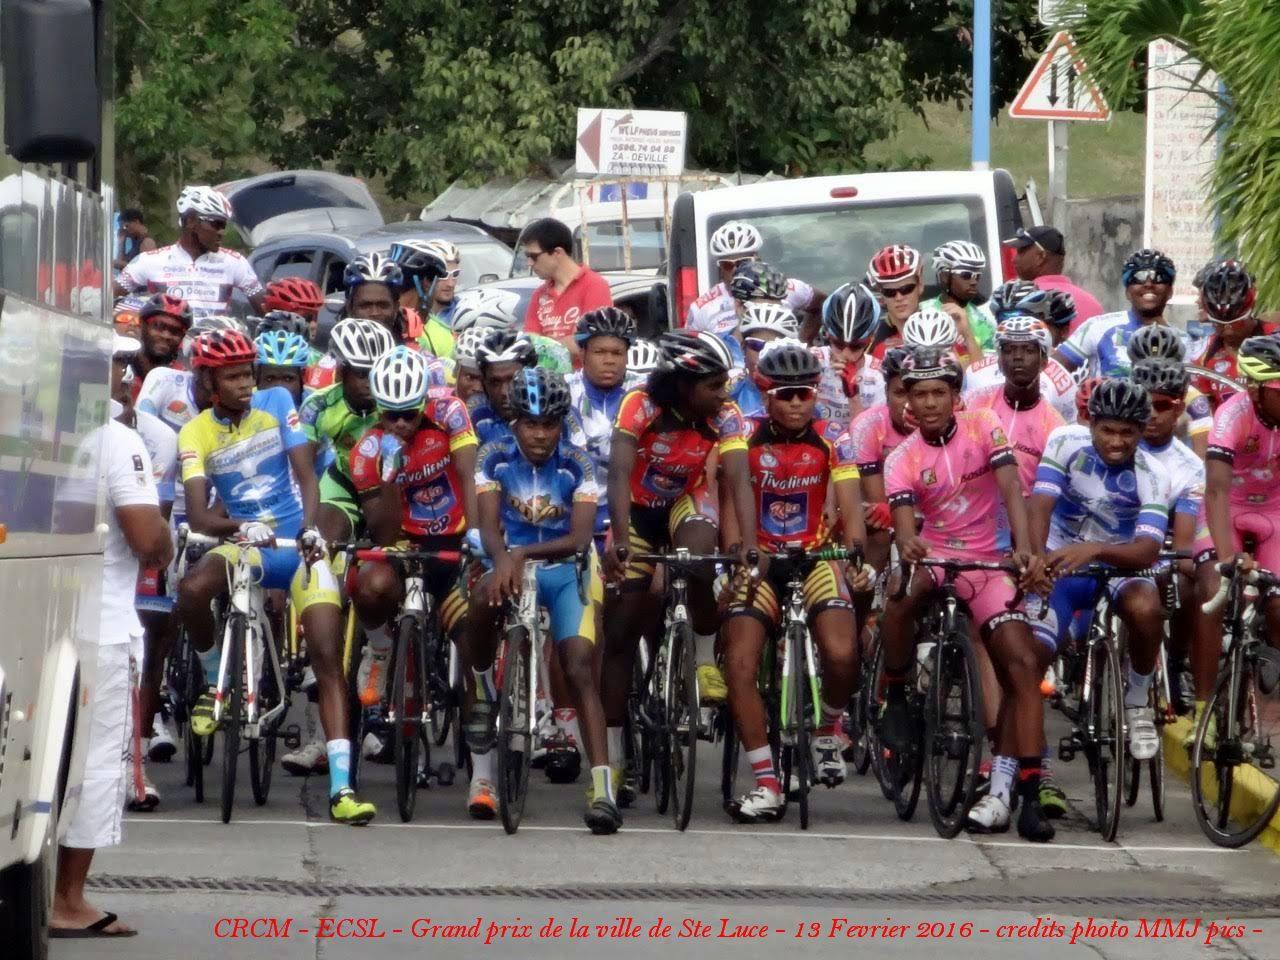 Grand Prix de la Ville de Sainte-Luce